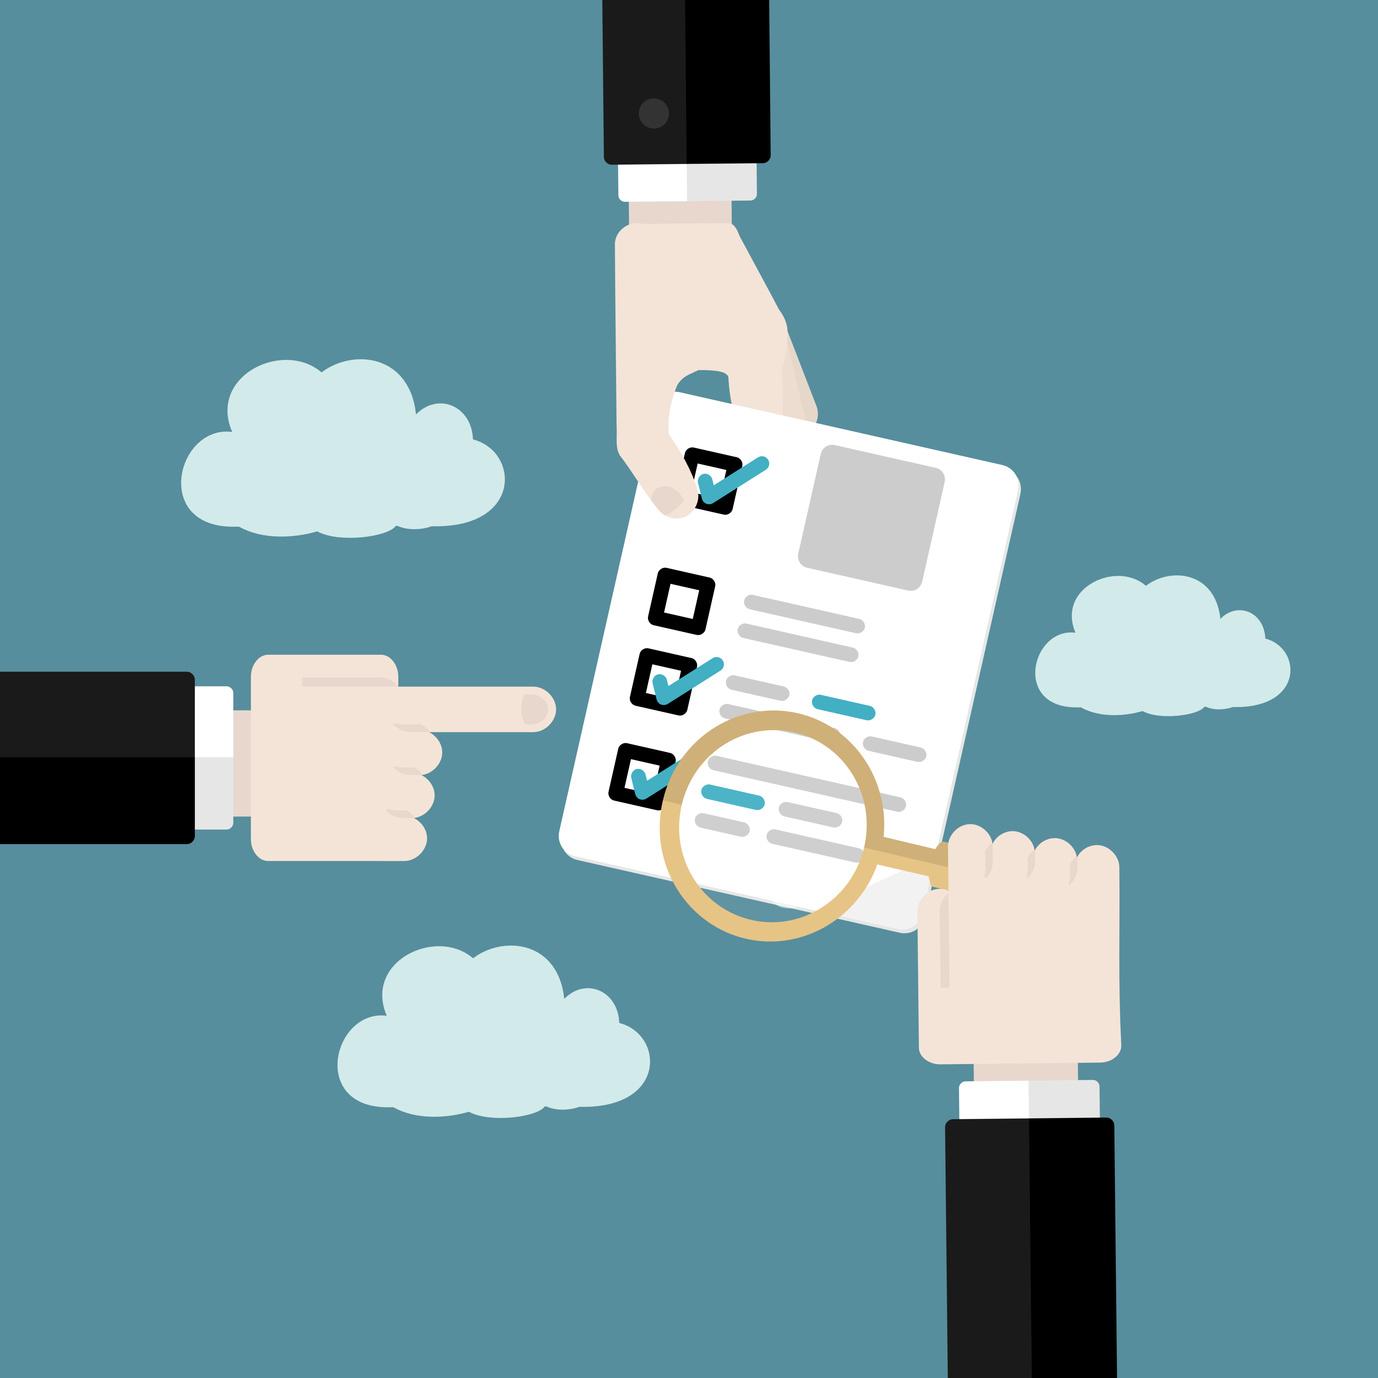 Assurer son système d'information industriel contre une cyberattaque, c'est possible ?